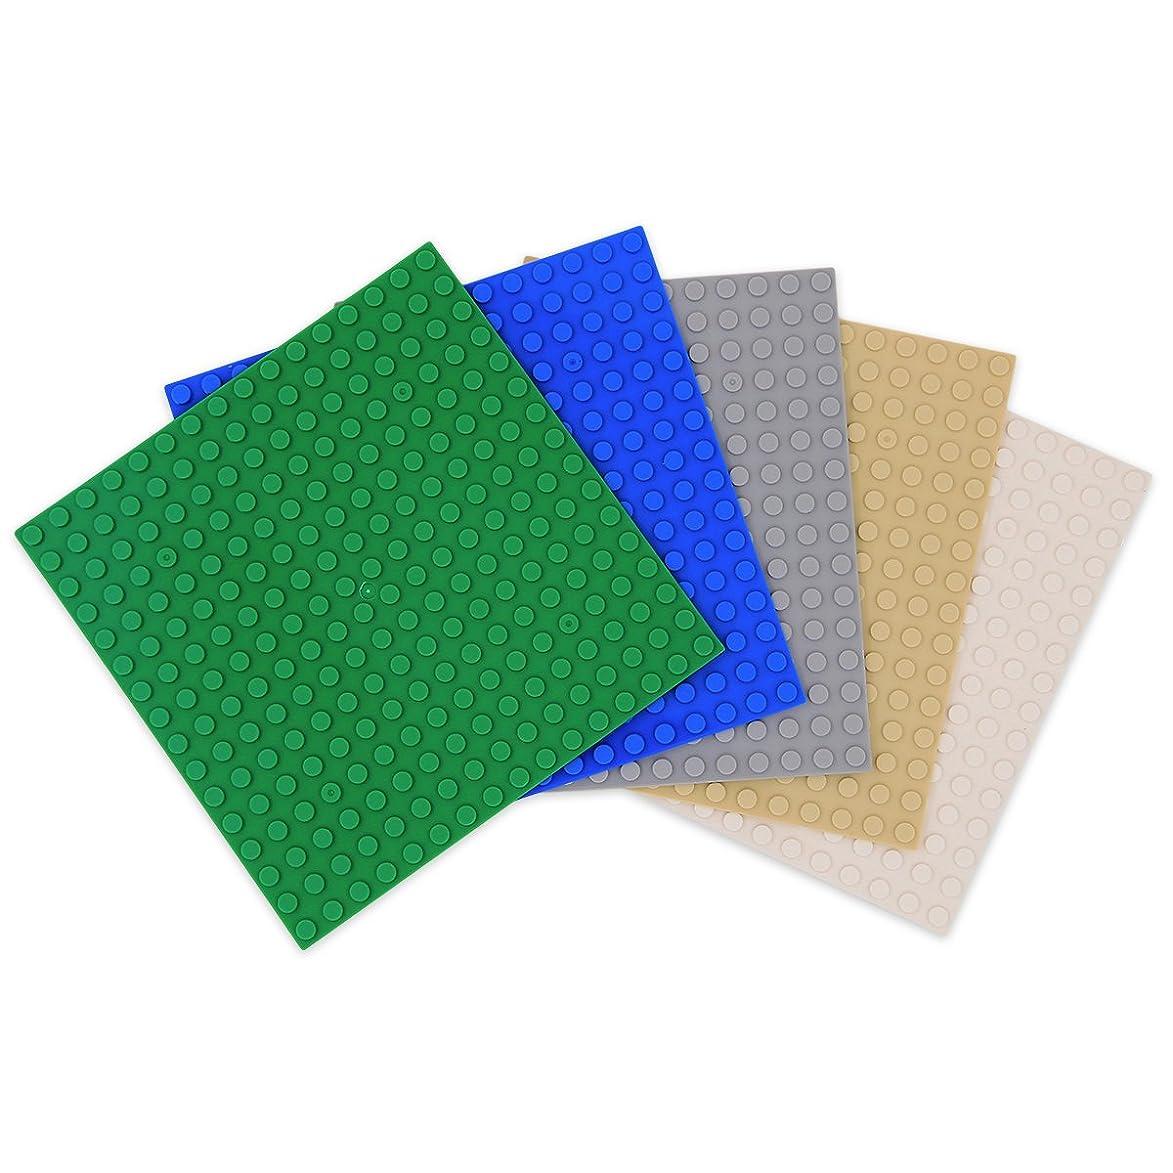 高潔な強化するプロポーショナルINIBUD 基礎板 ブロック プレート クラシック 互換性 16×16ポッチ 5枚セット グリーン ブルー ライトグレー ベージュ ホワイト